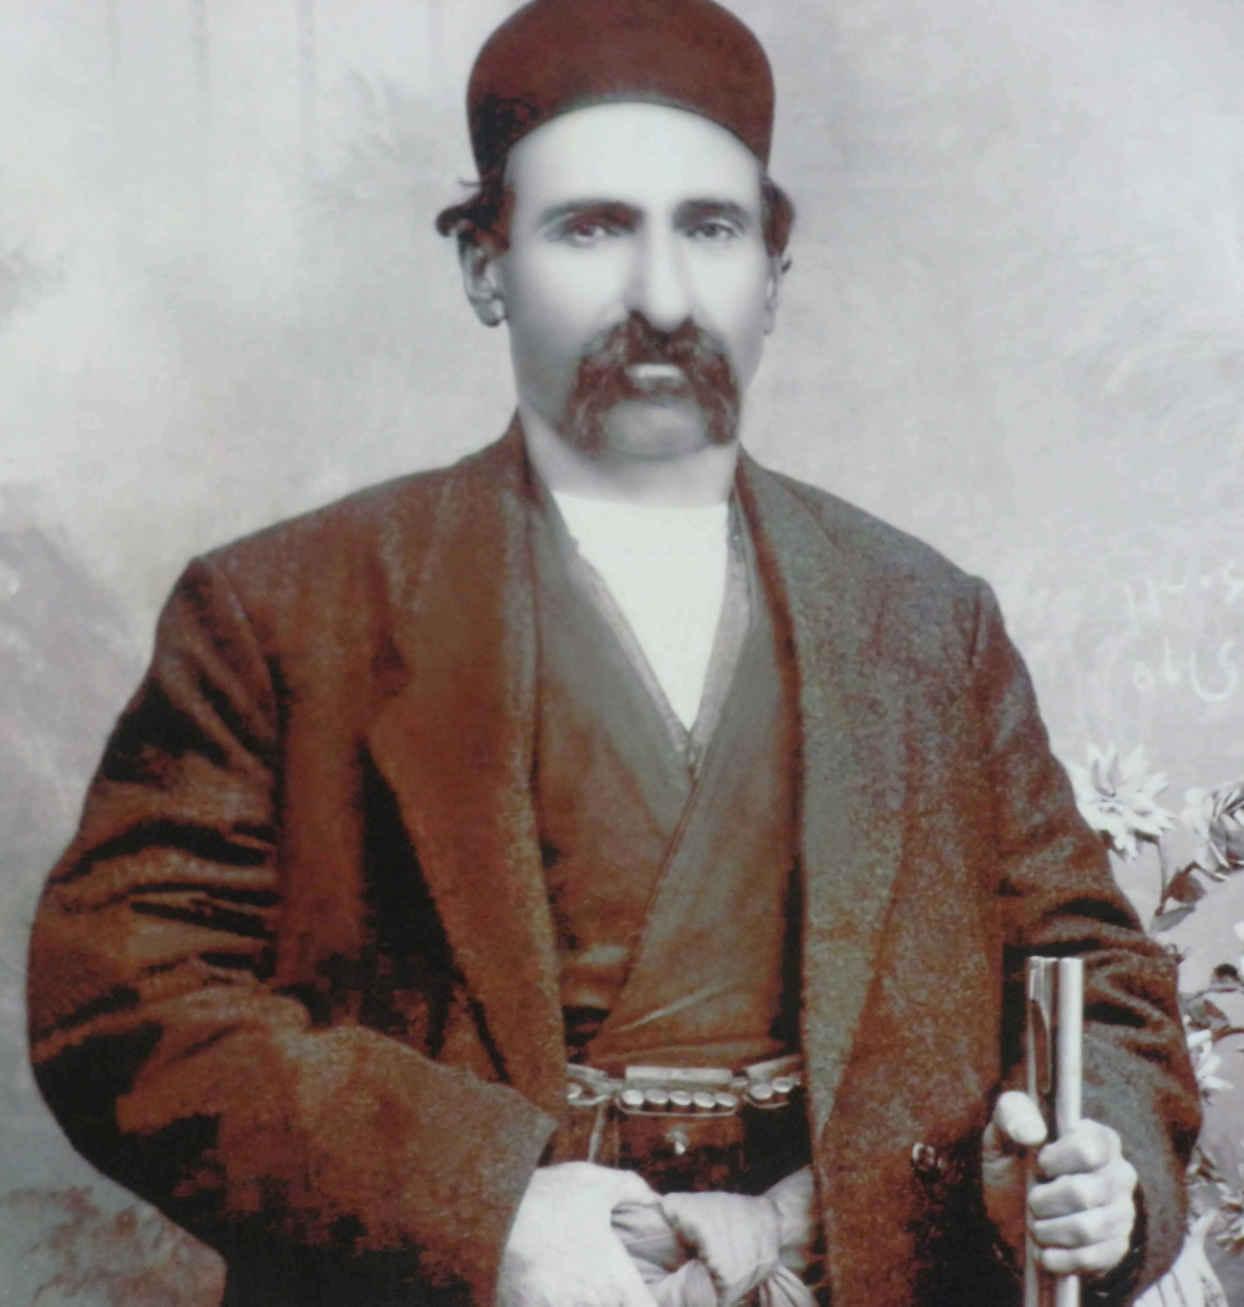 ملاقباد سی سختی خان سی سخت و بنیانگذار نخستین کلاس درس در کهگیلویه و بویراحمد